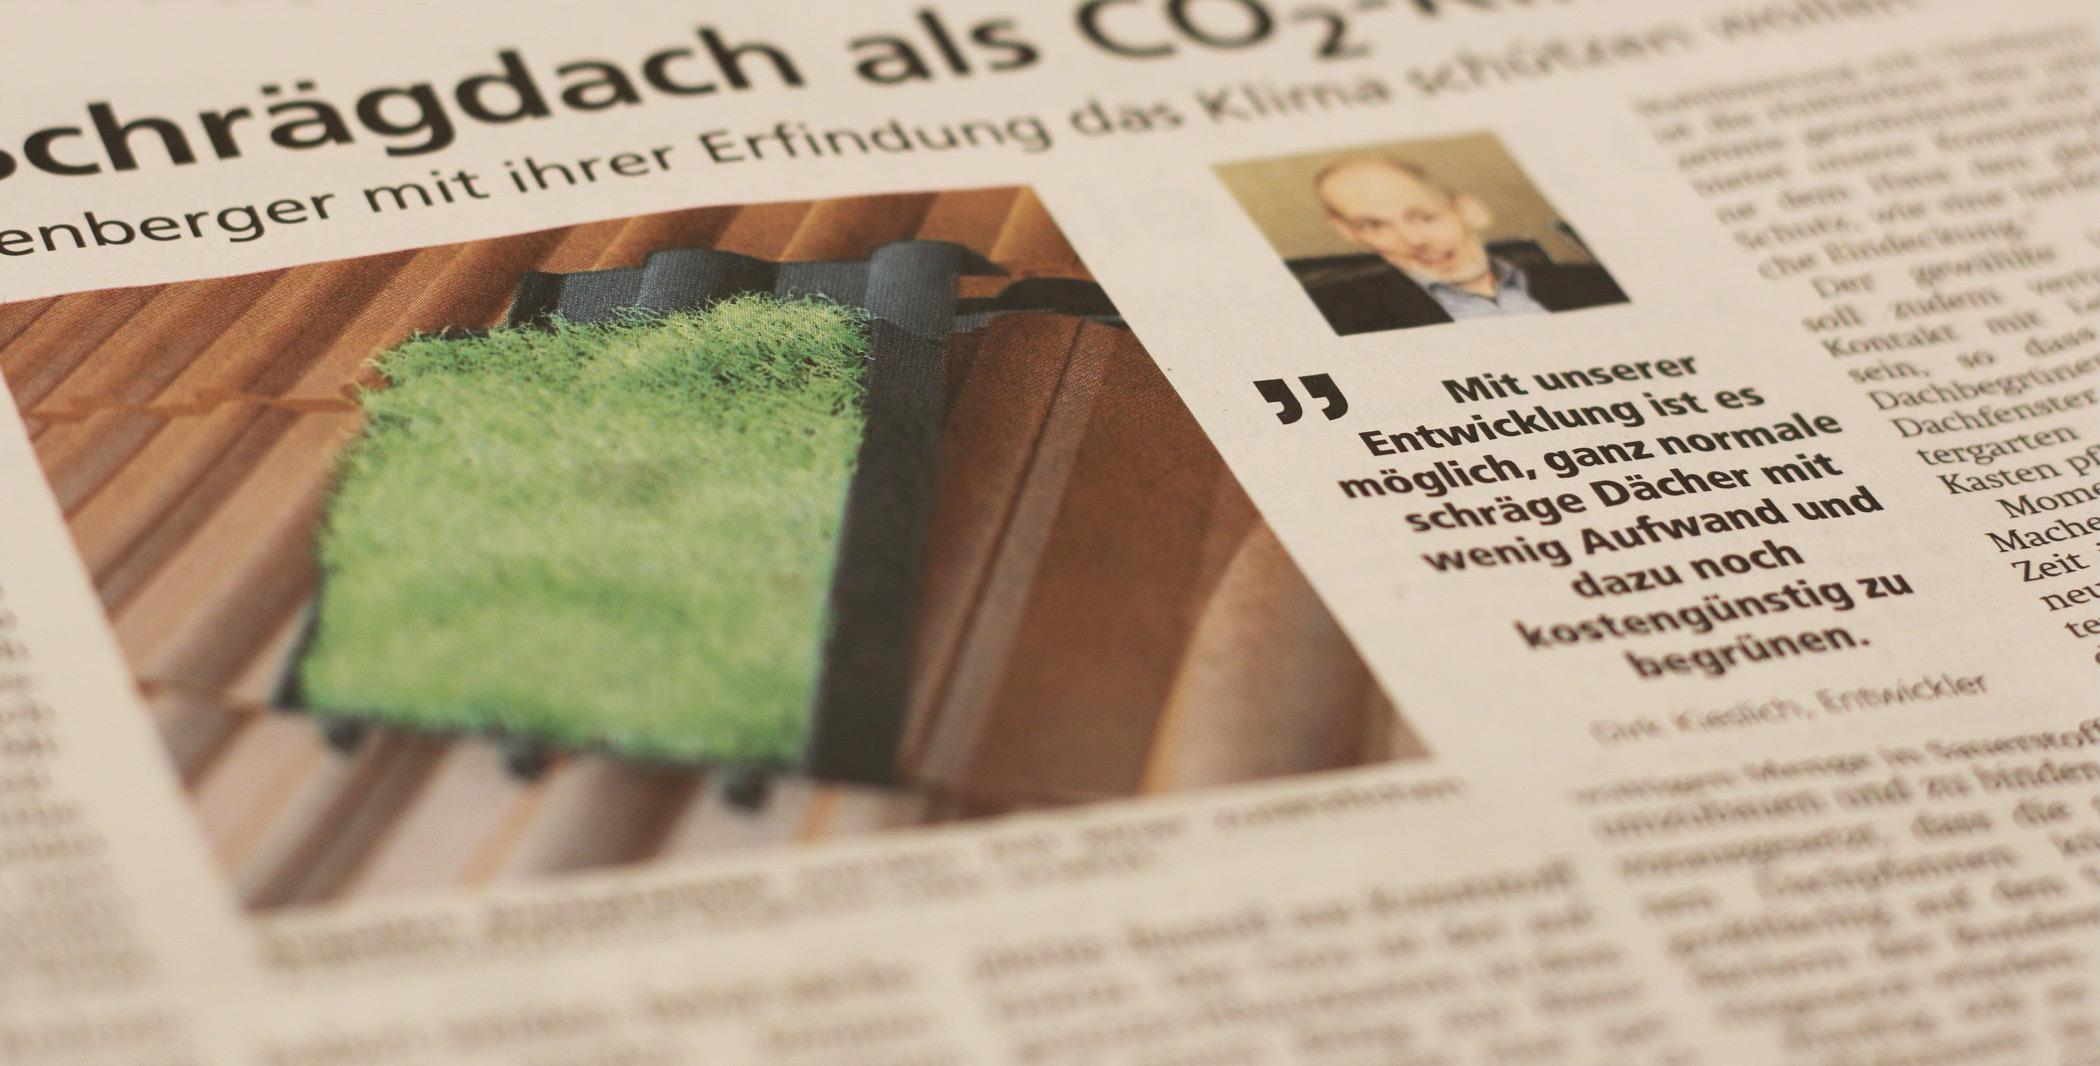 Süderländer Tageblatt - Das Schrägdach als CO² -Killer Wie drei Plettenberger mit ihrer Erfindung das Klima schützen wollen